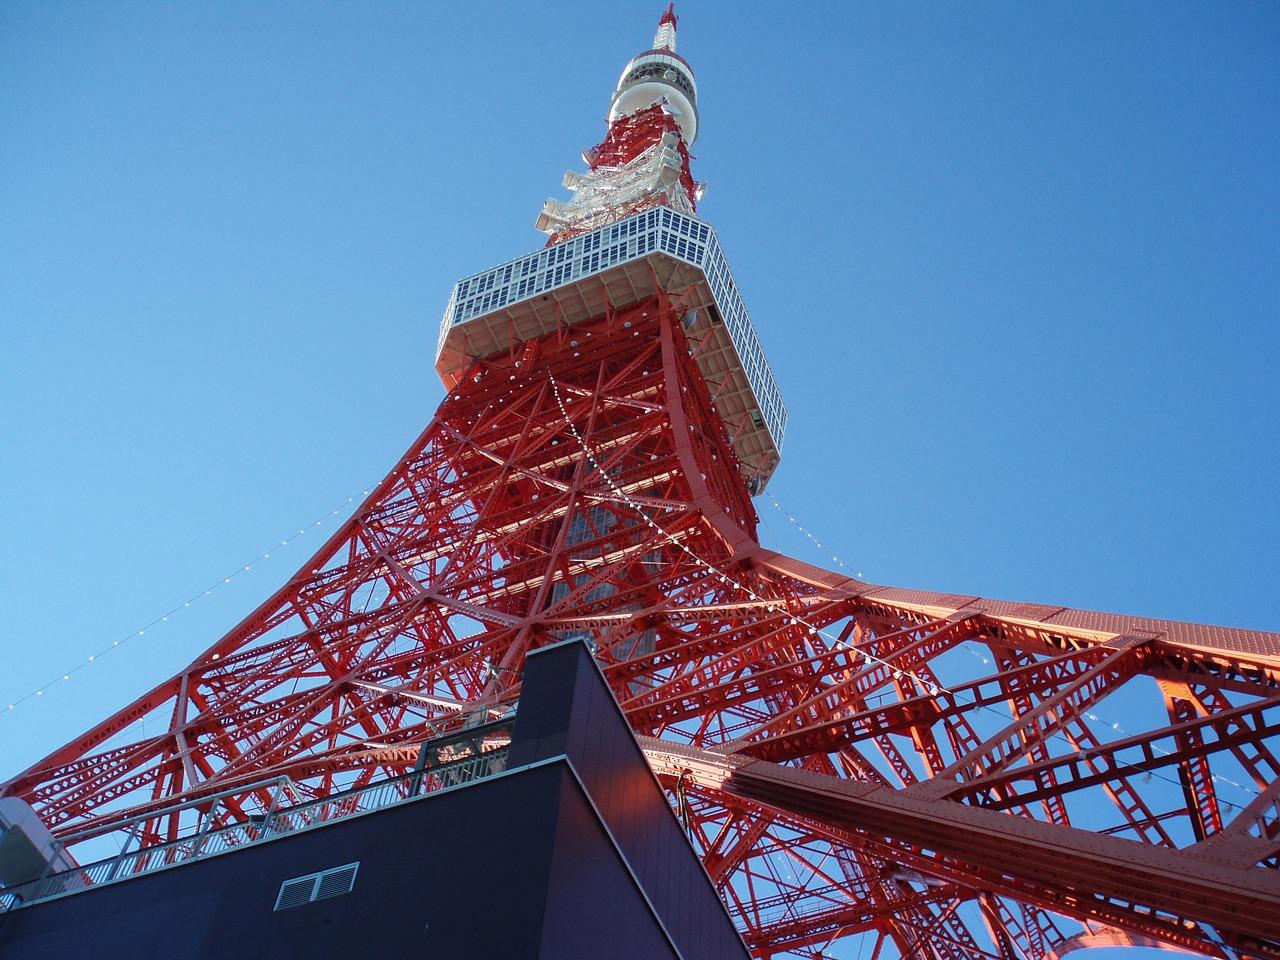 東京タワーのお土産ランキングTOP21!人気のお菓子やストラップはどれ?